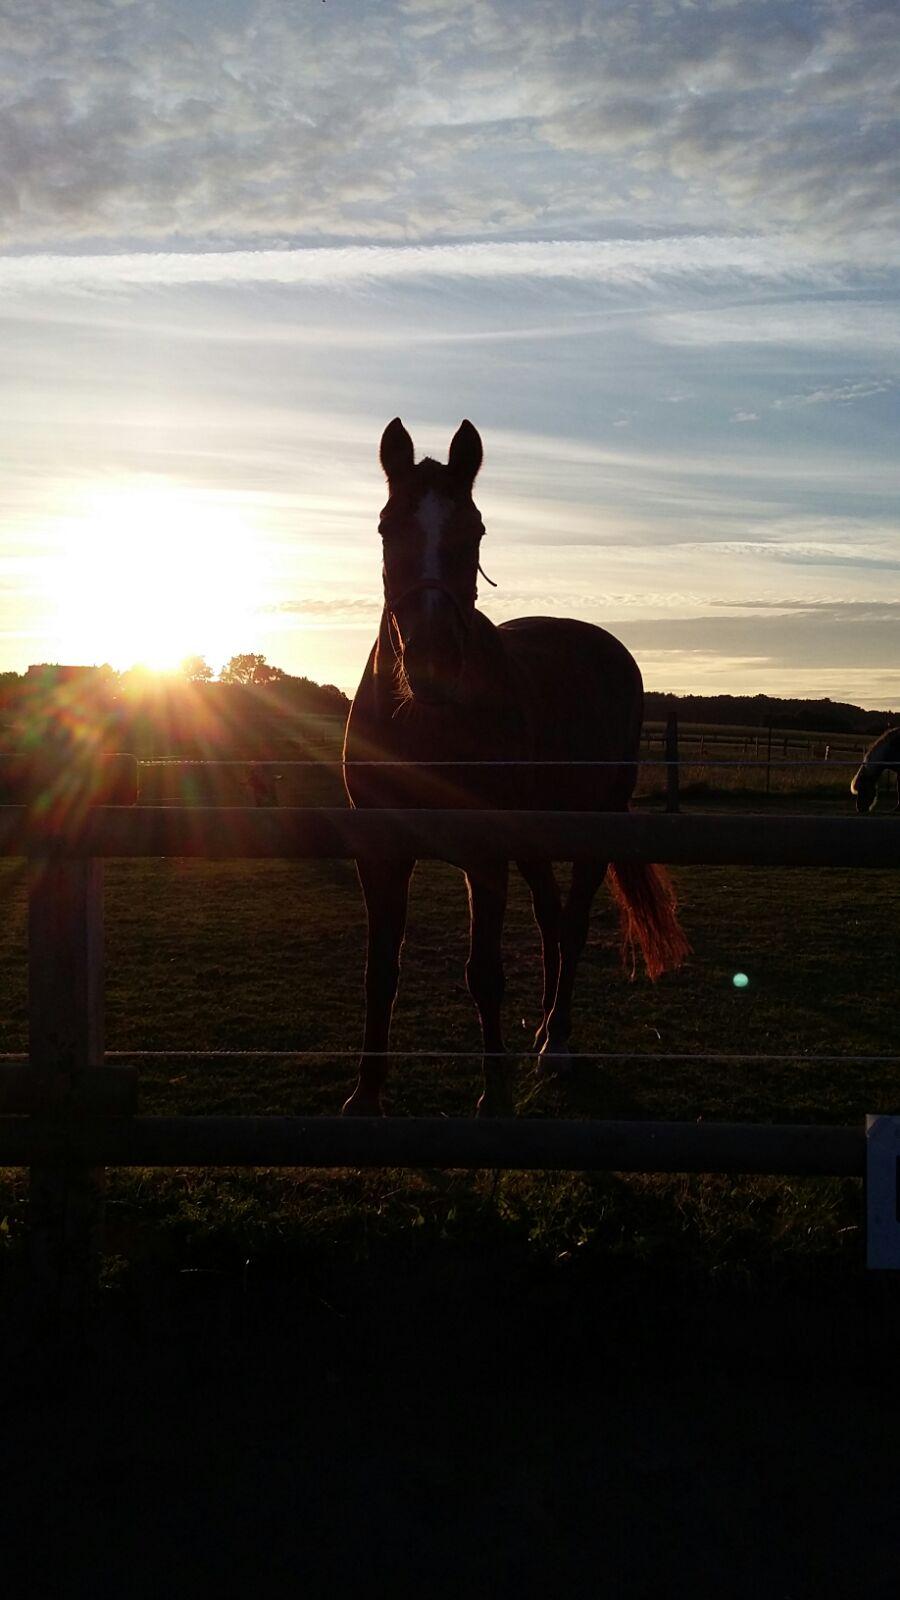 Mein Pferd im Gegenlicht